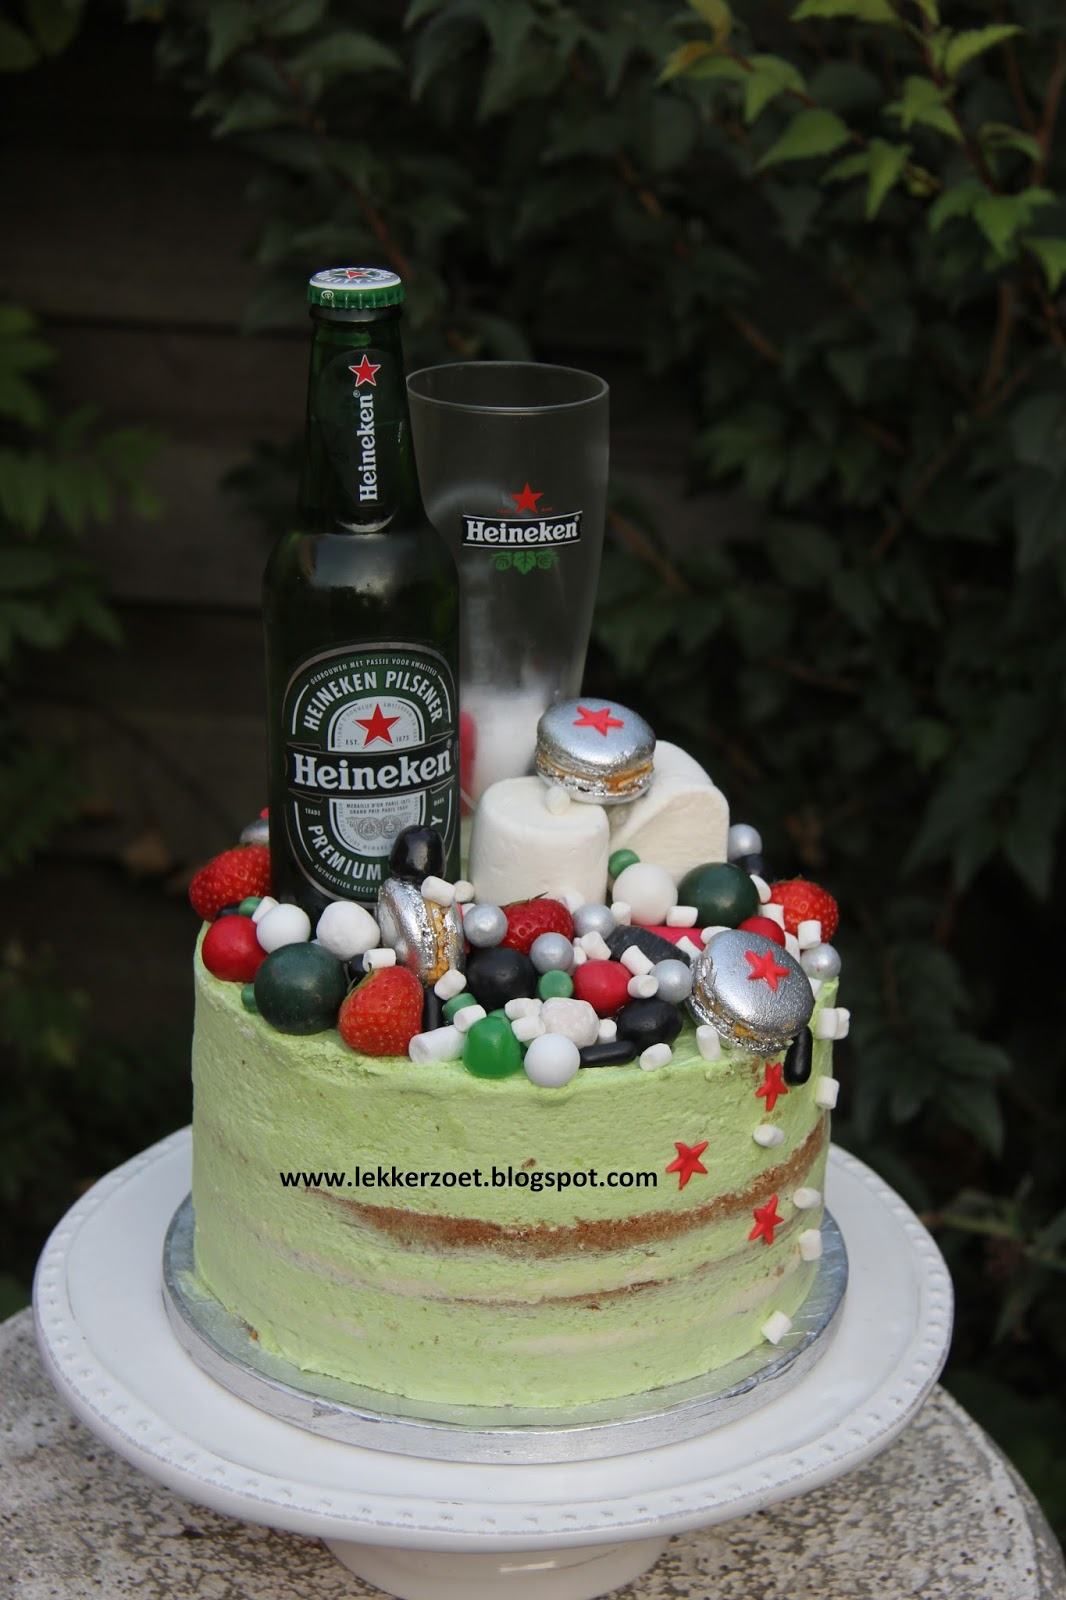 taart heineken lekker zoet: Heineken taart voor Rody geslaagd voor hbo taart heineken